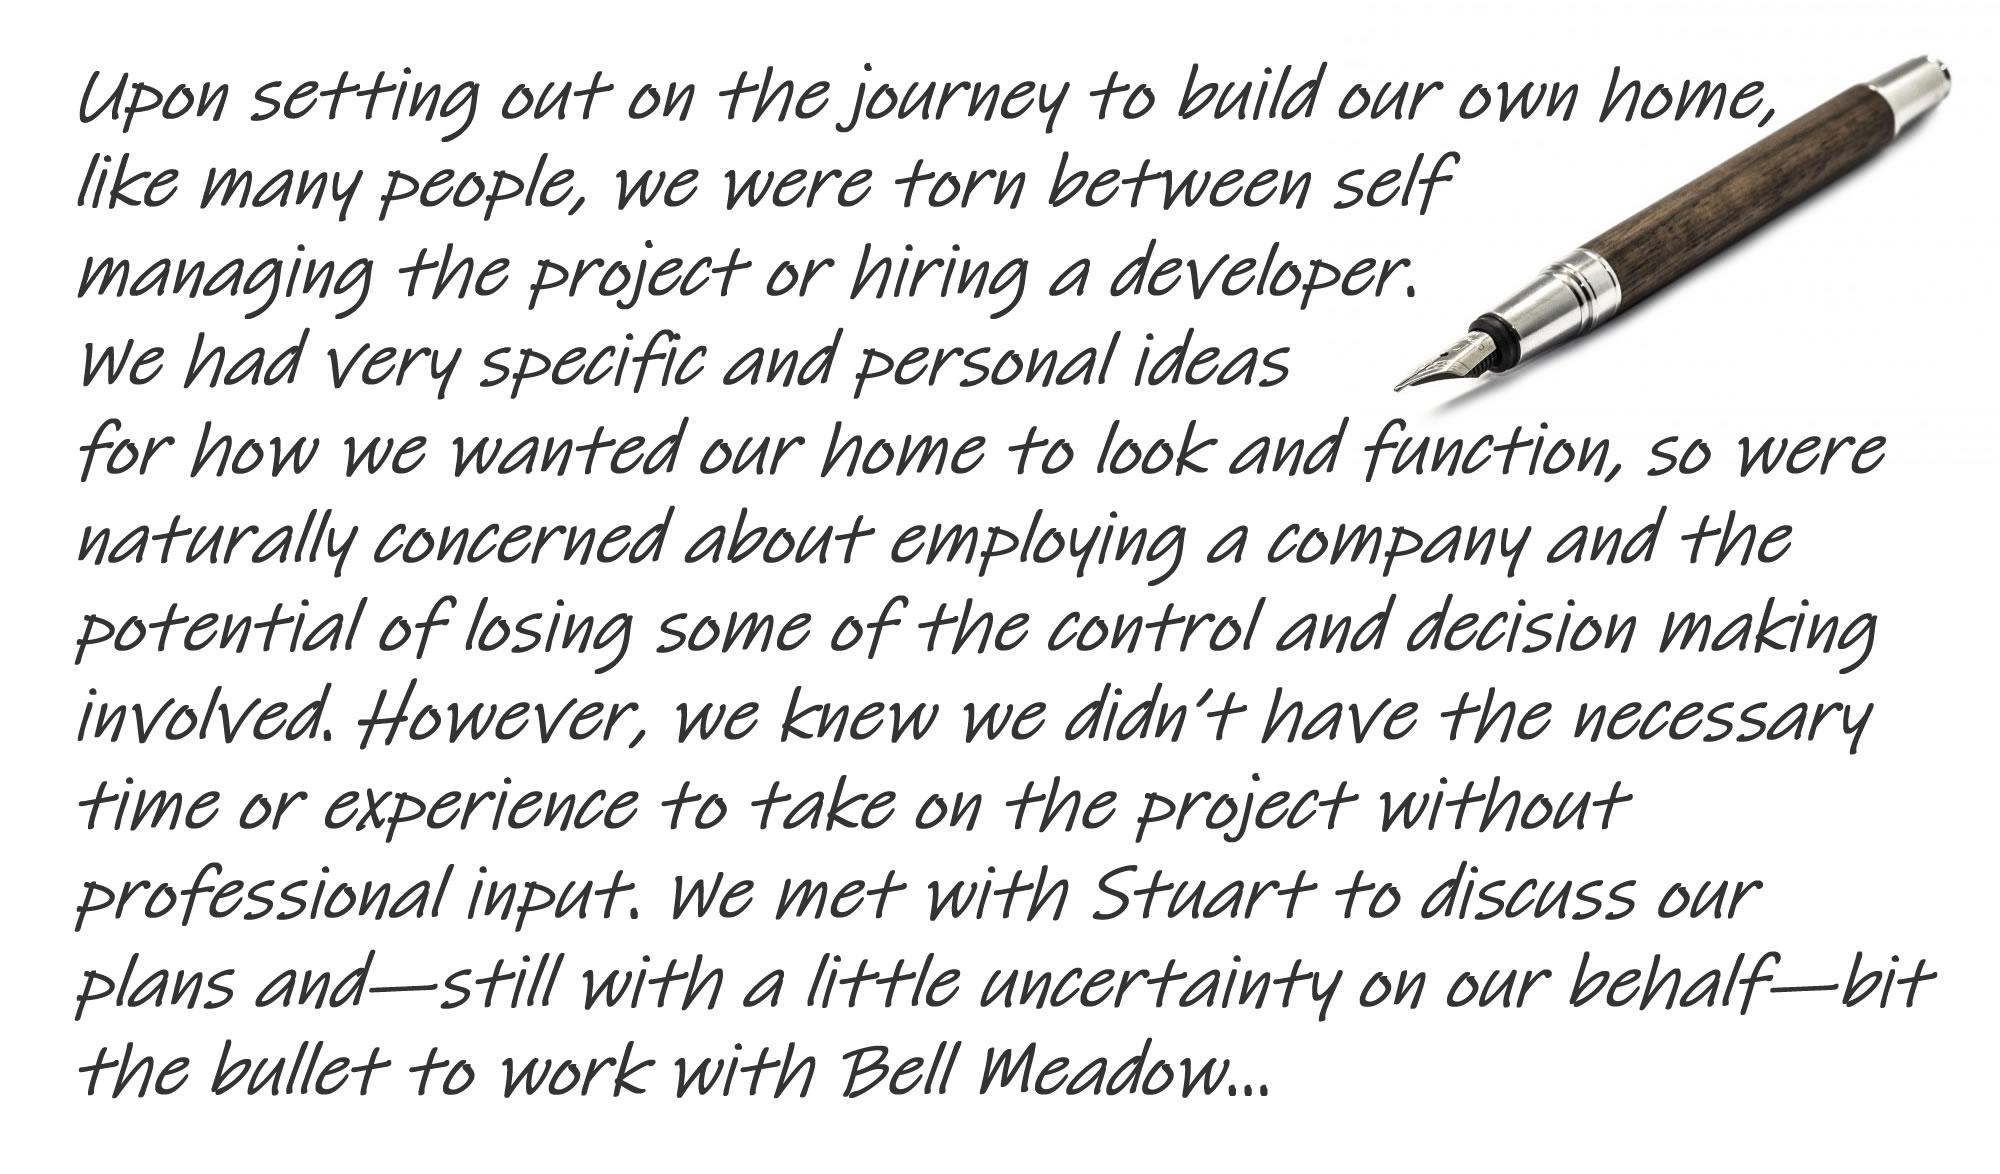 Bell Meadow Testimonials